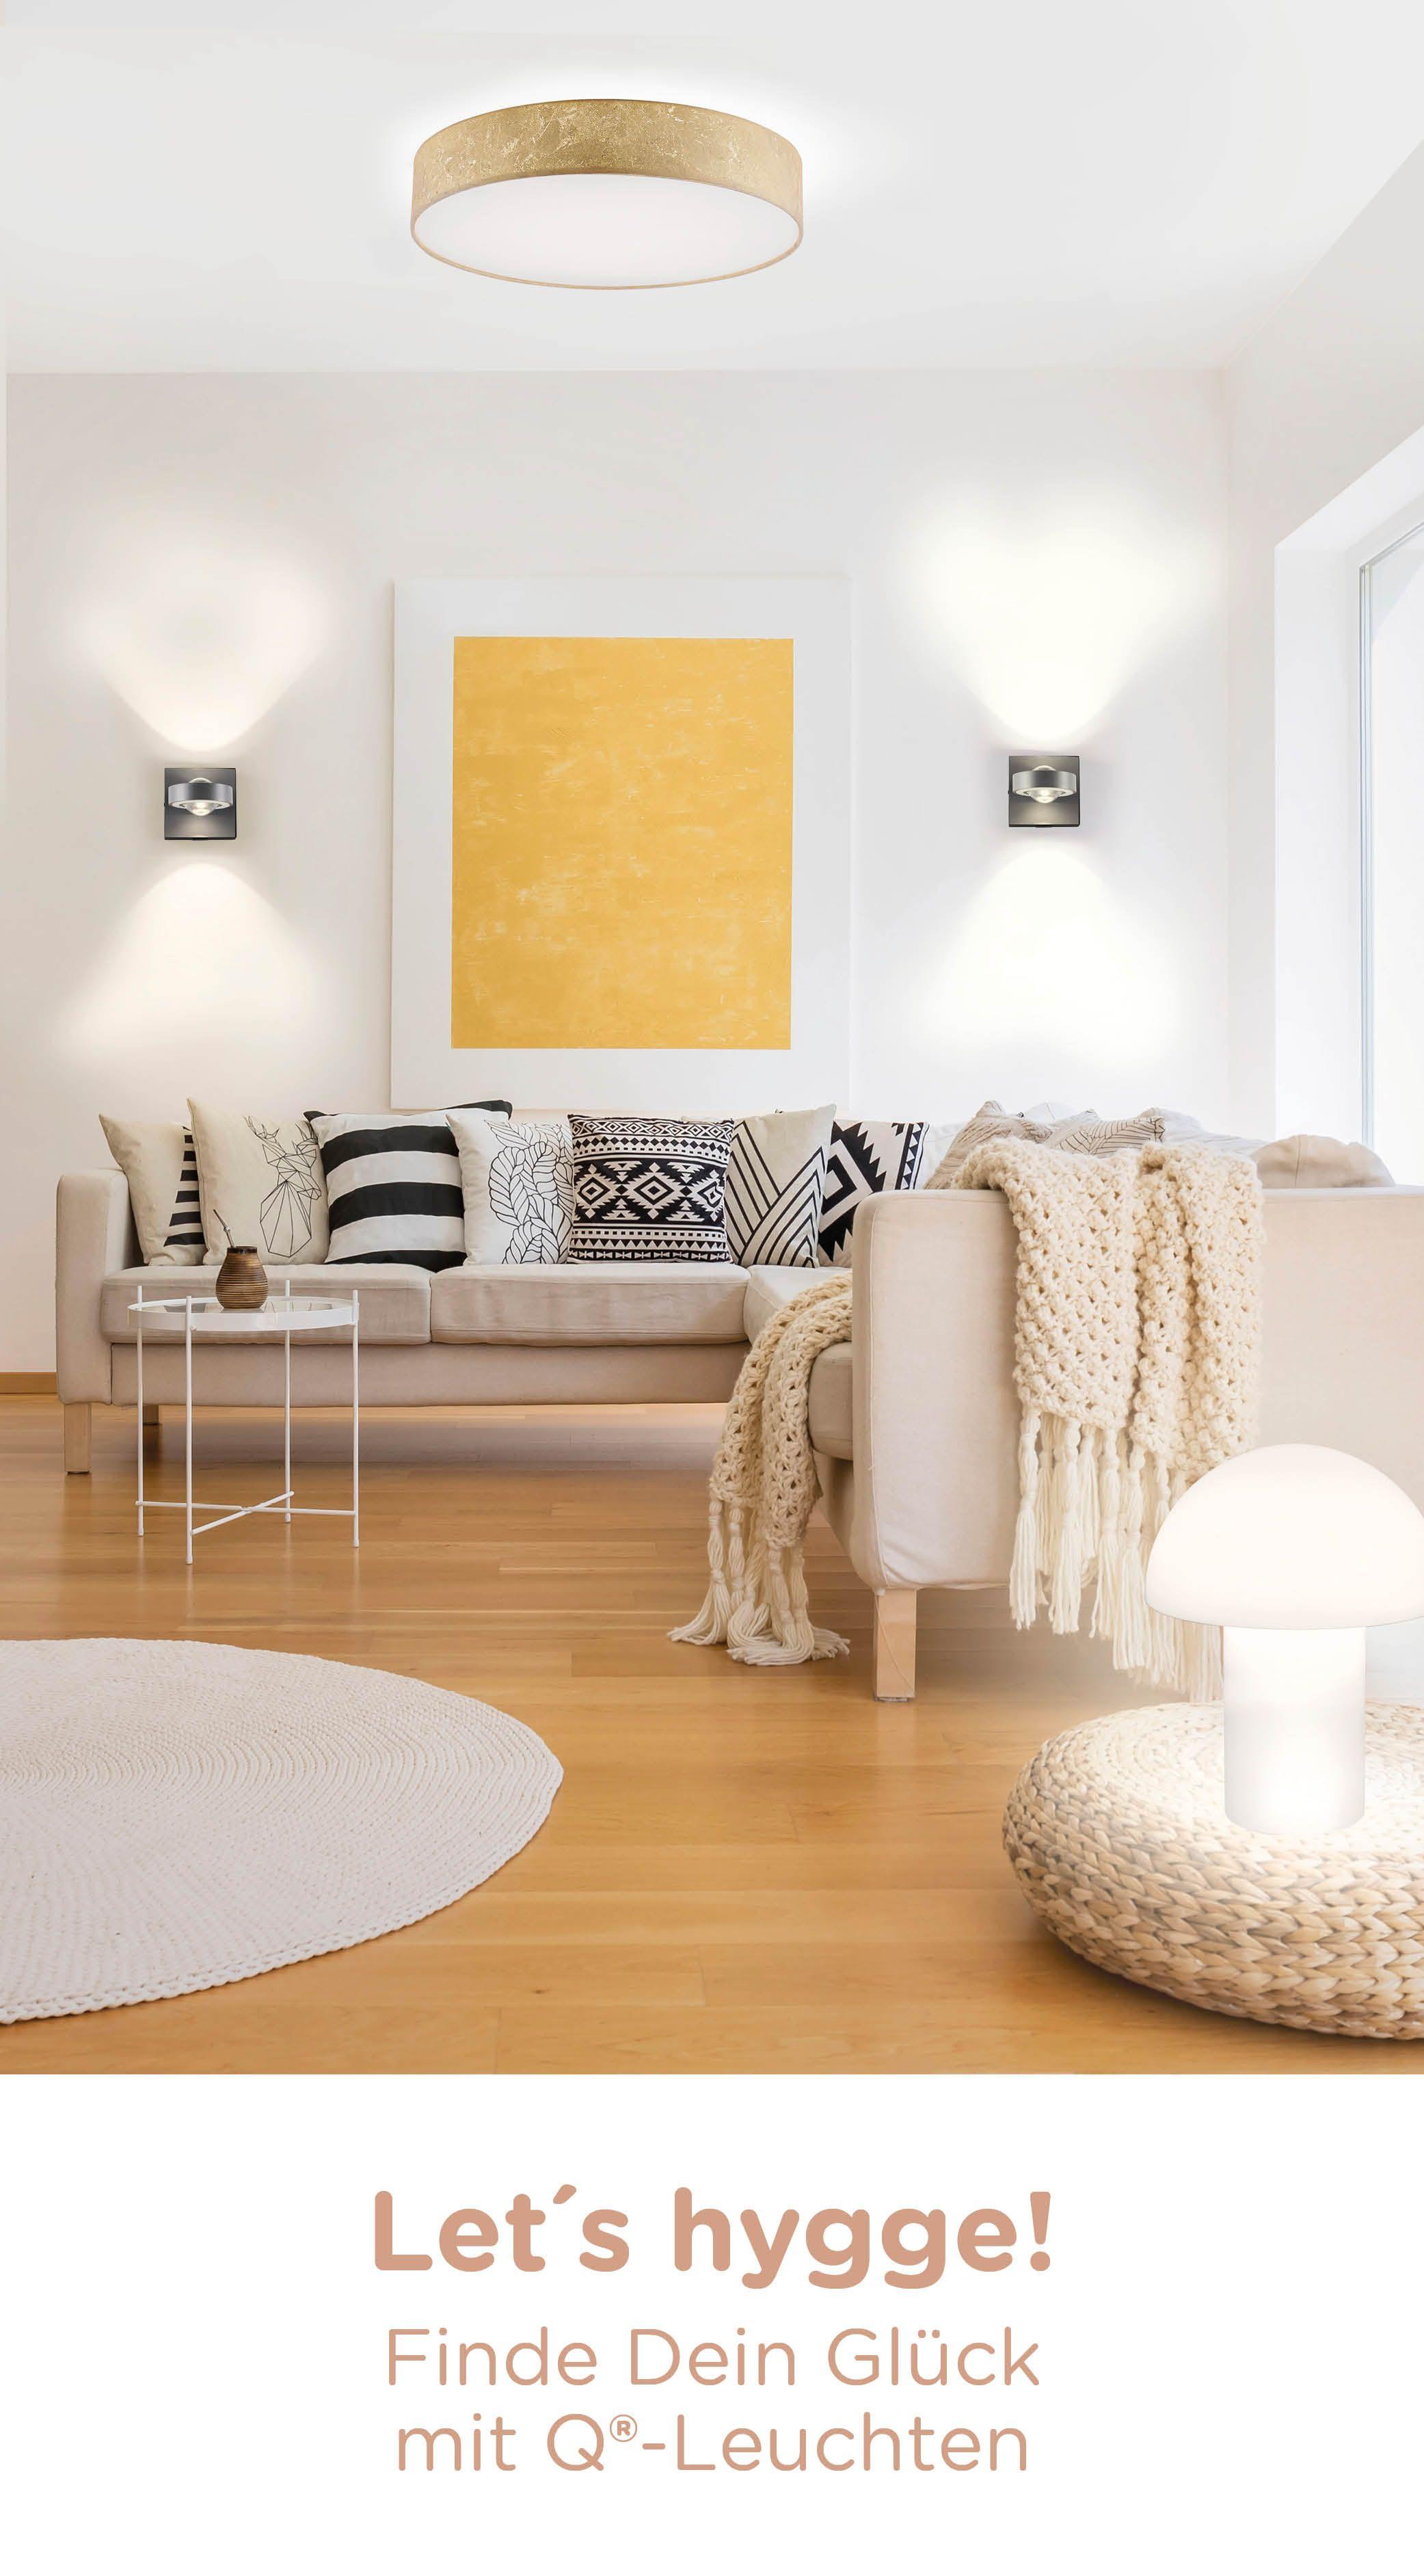 Hygge Lifestyle Mit Q Smart Home Lights Hyggelig Wohnen In 2020 Zuhause Haus Deko Wohnen